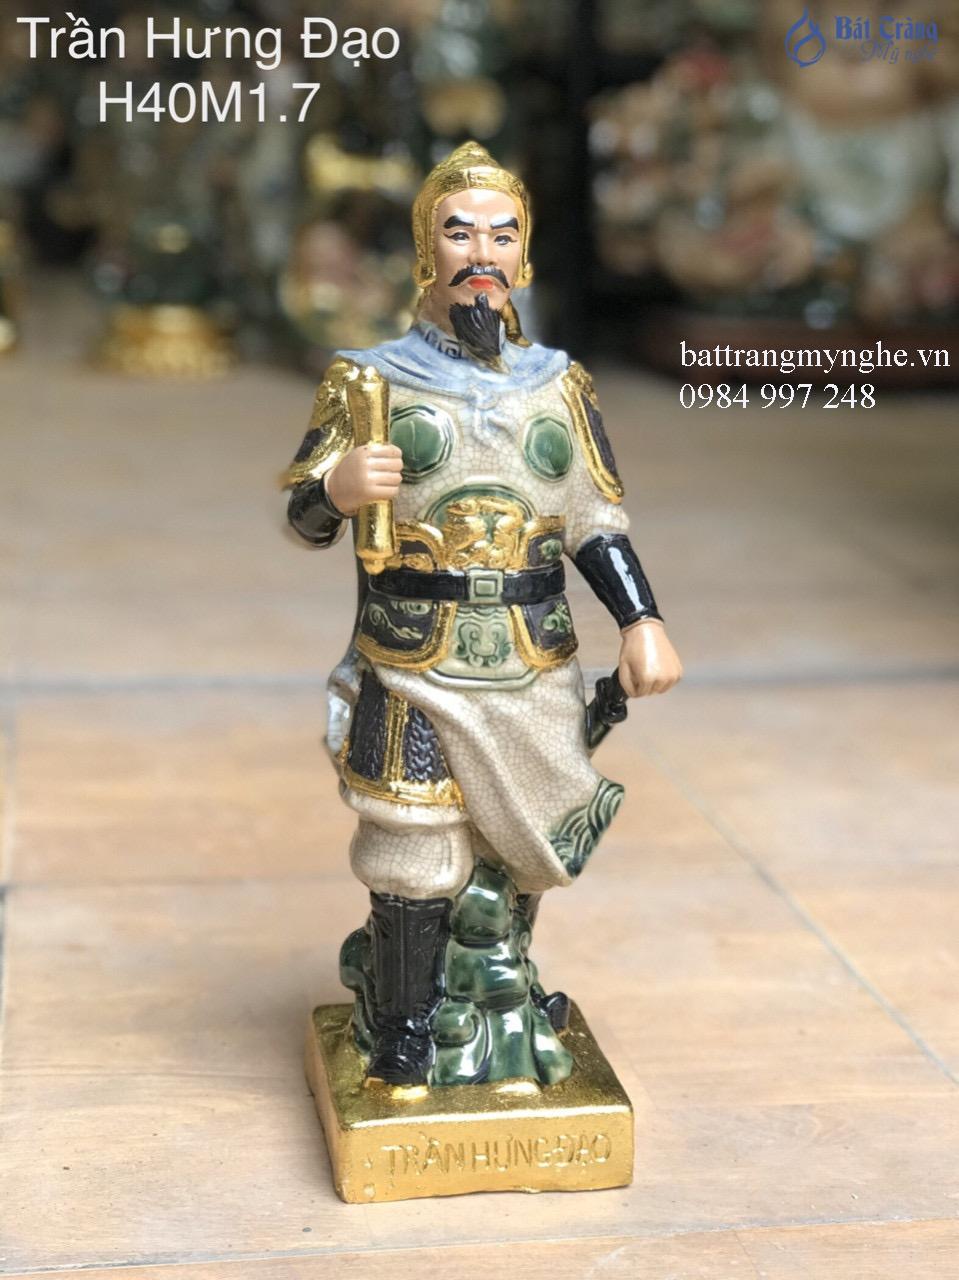 Tượng Trần Hưng Đạo dát vàng men rạn xanh cao 40cm